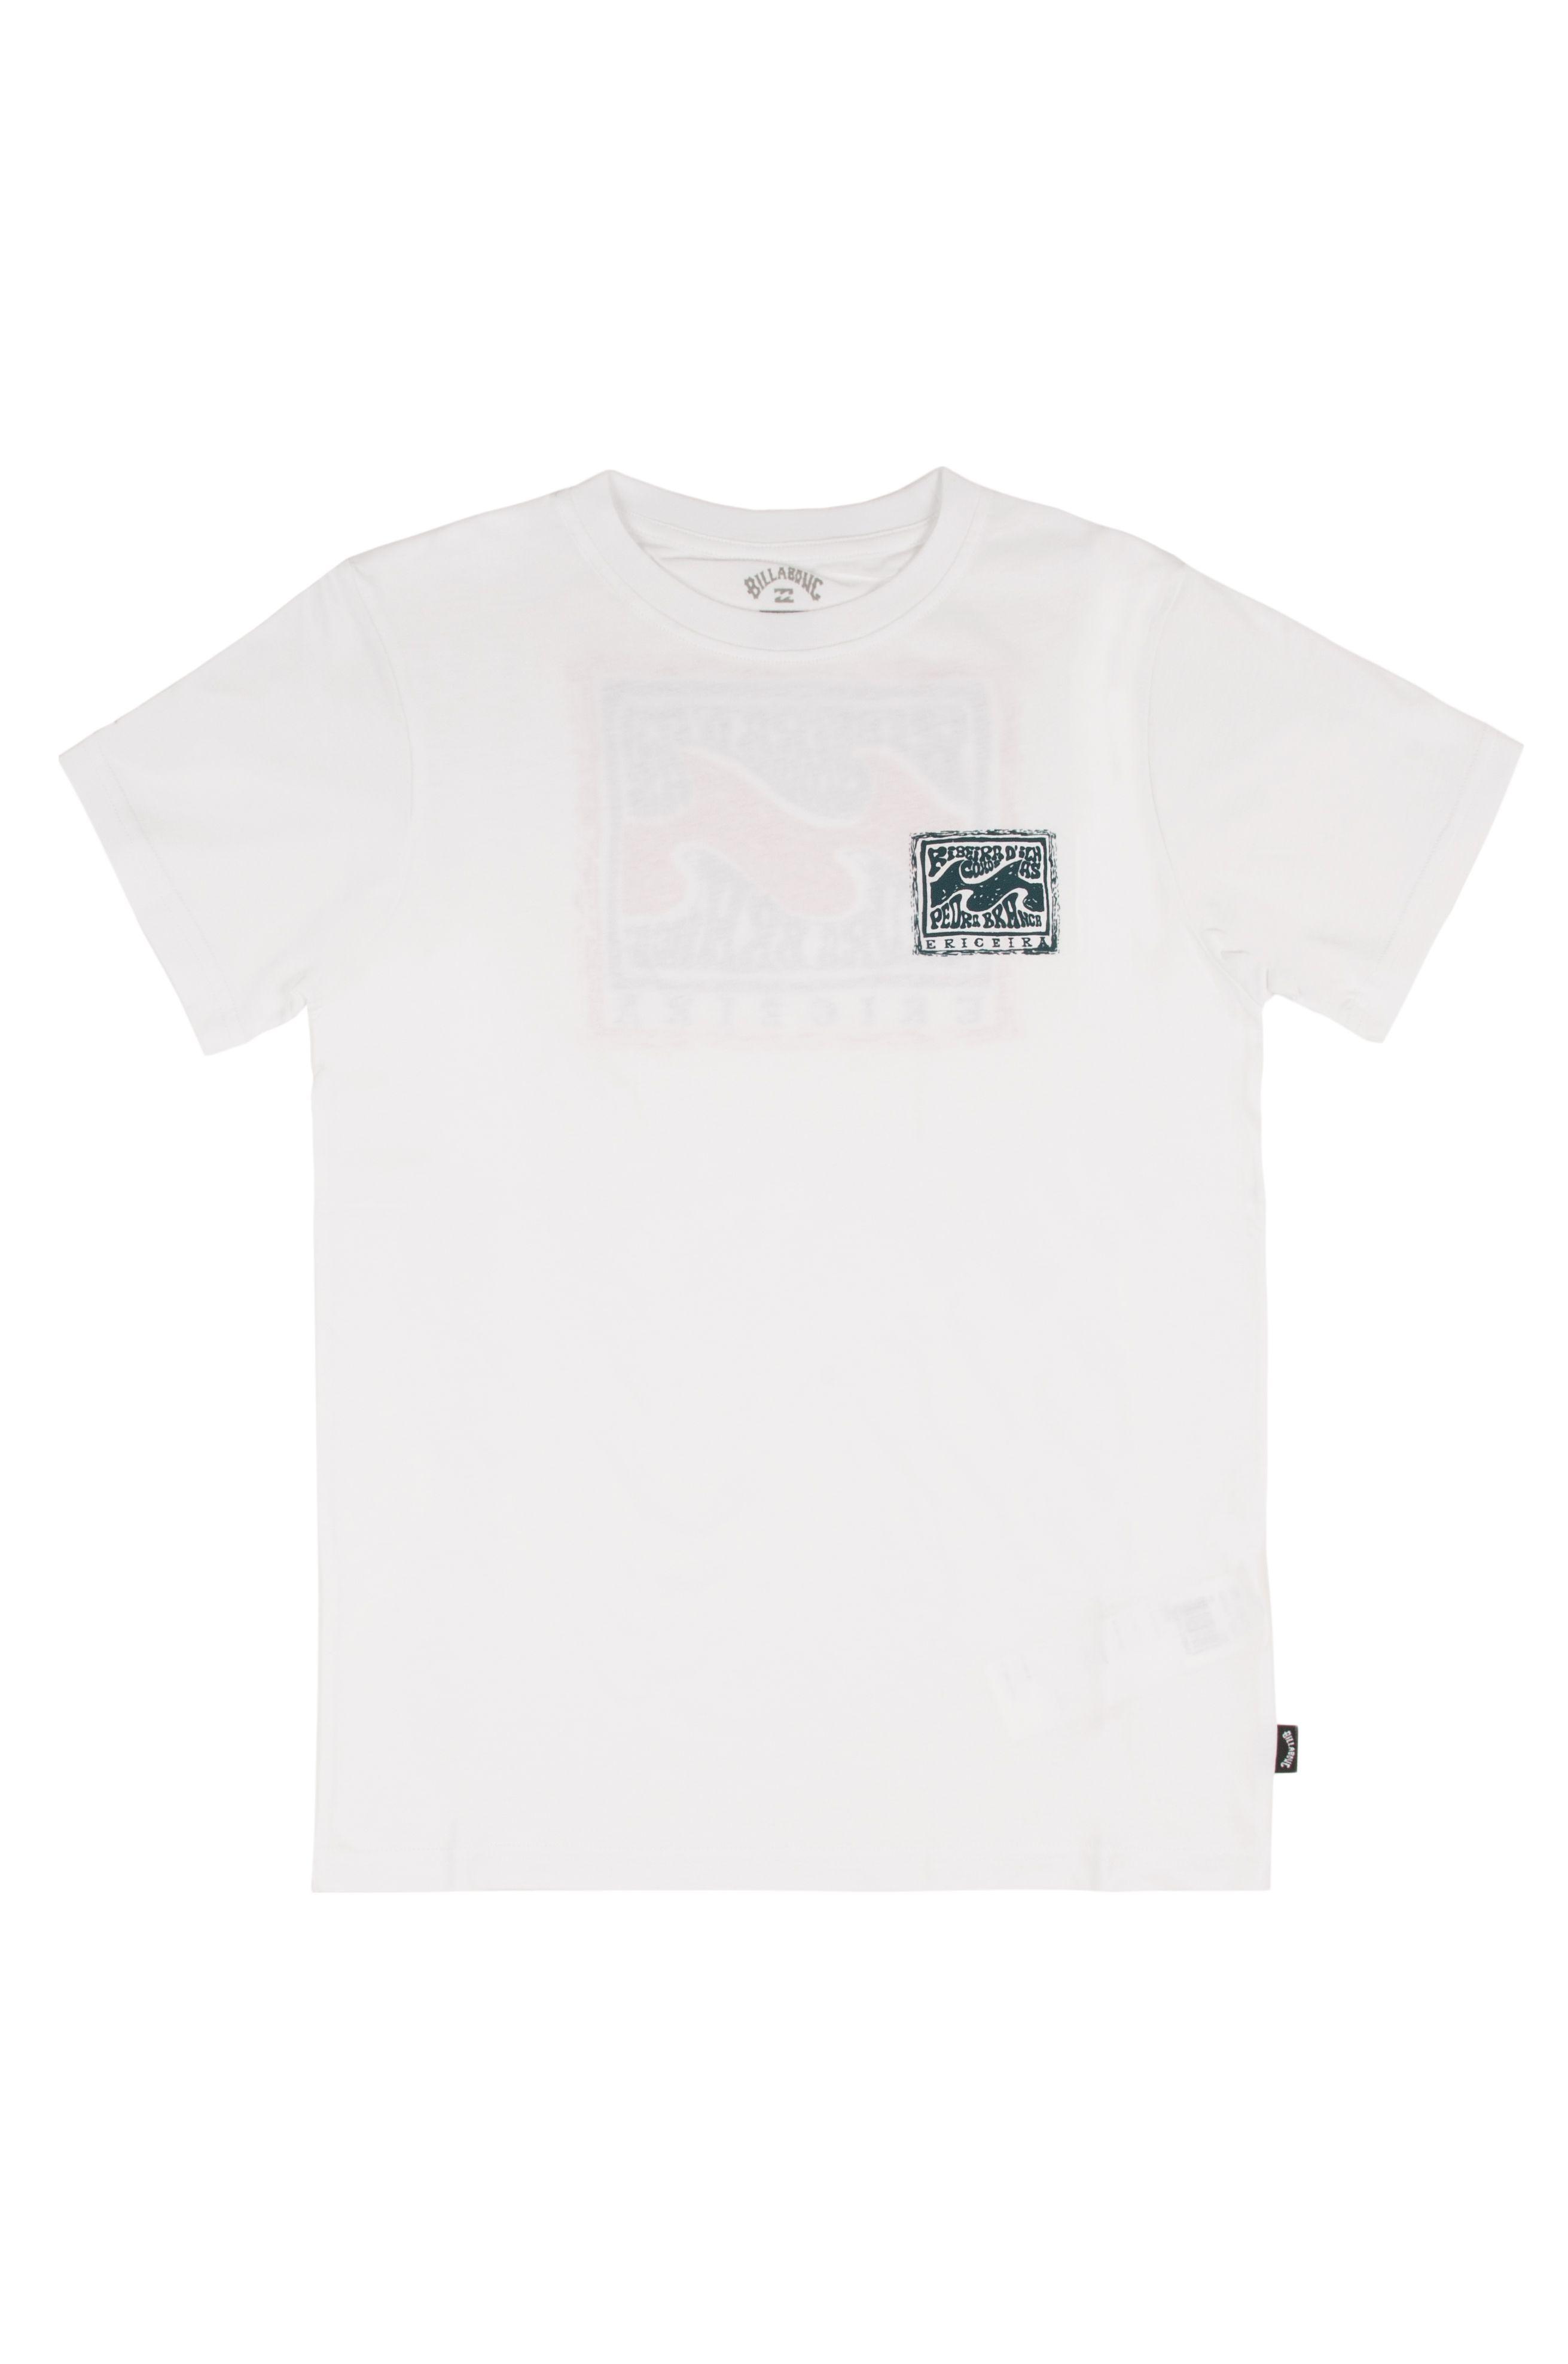 T-Shirt Billabong ERICEIRA SPOTS BOY DESTINATION White